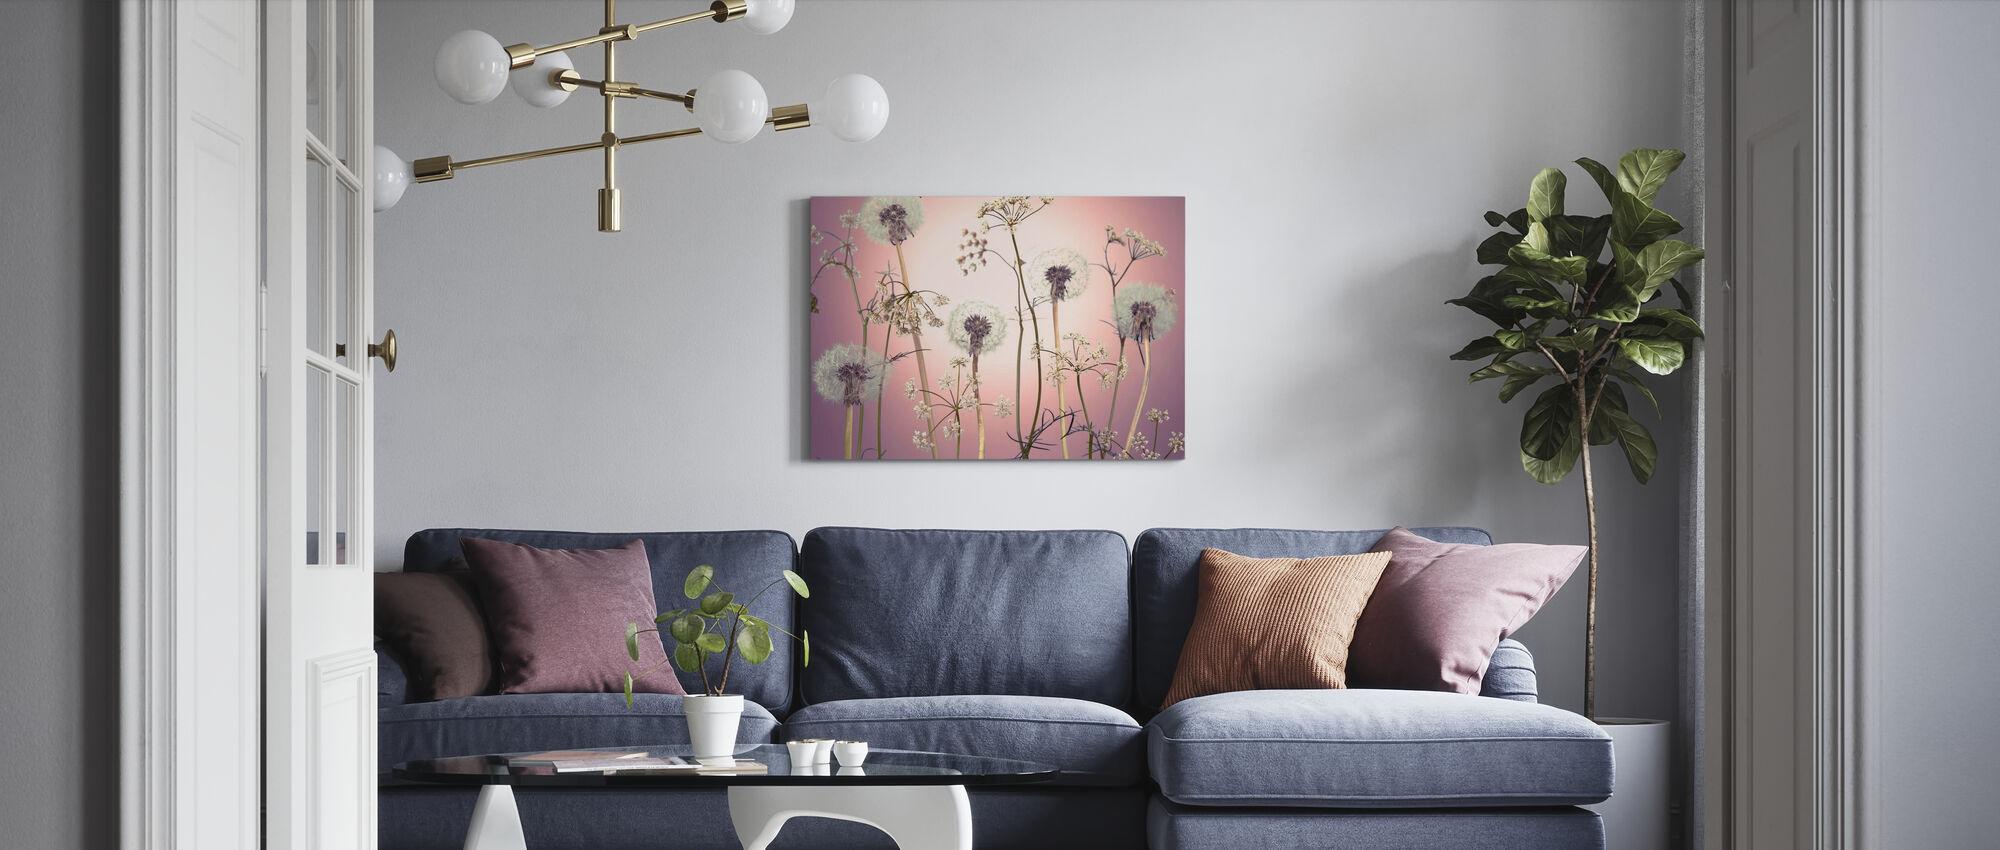 Wiesenblumen - Rosa - Leinwandbild - Wohnzimmer